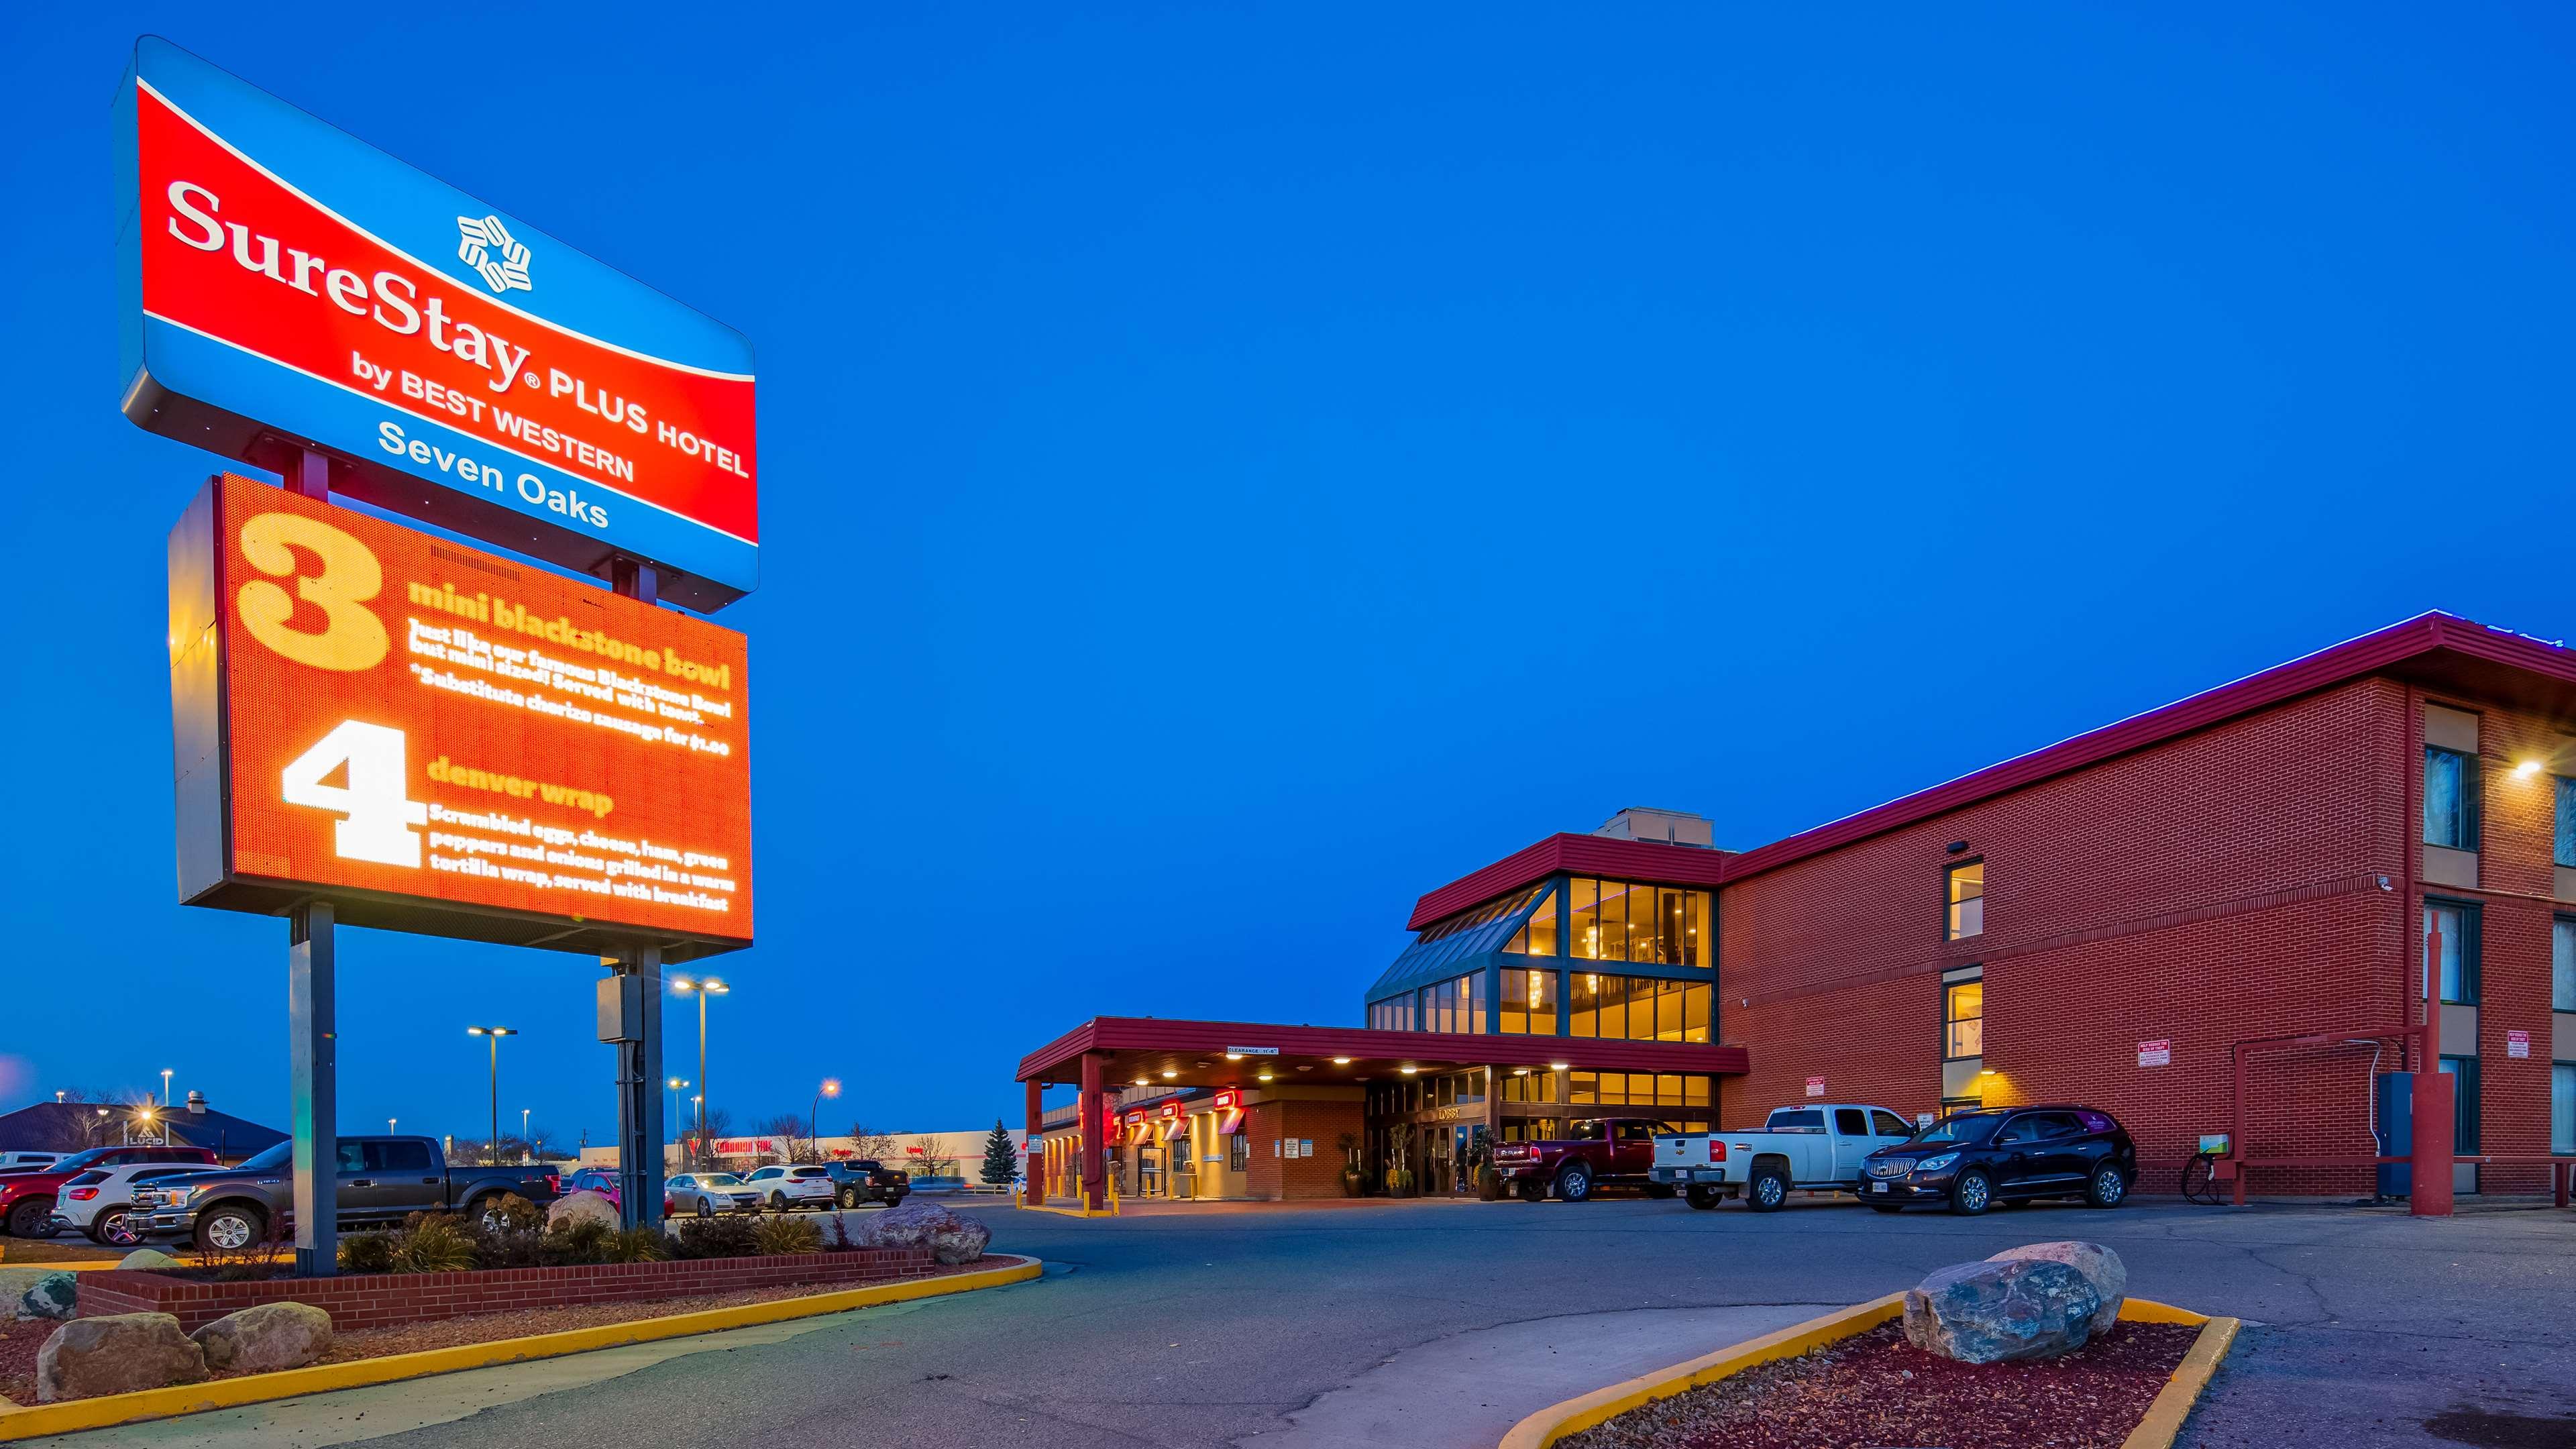 SureStay Plus Hotel by Best Western Seven Oaks in Regina: Exterior